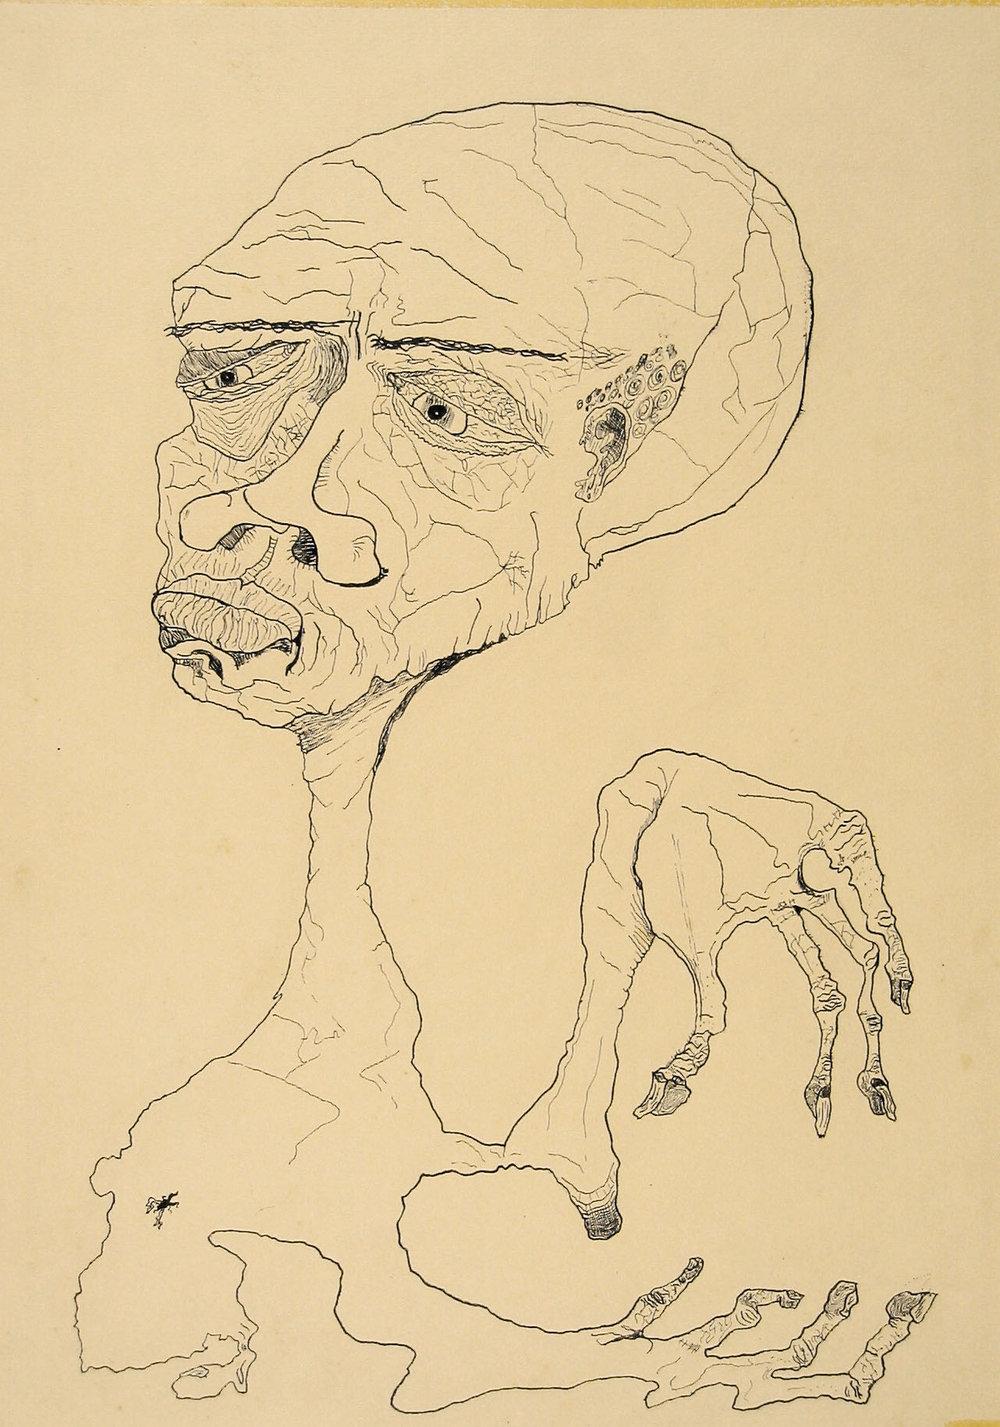 1957.15 - Cabeça e as mãos.jpg